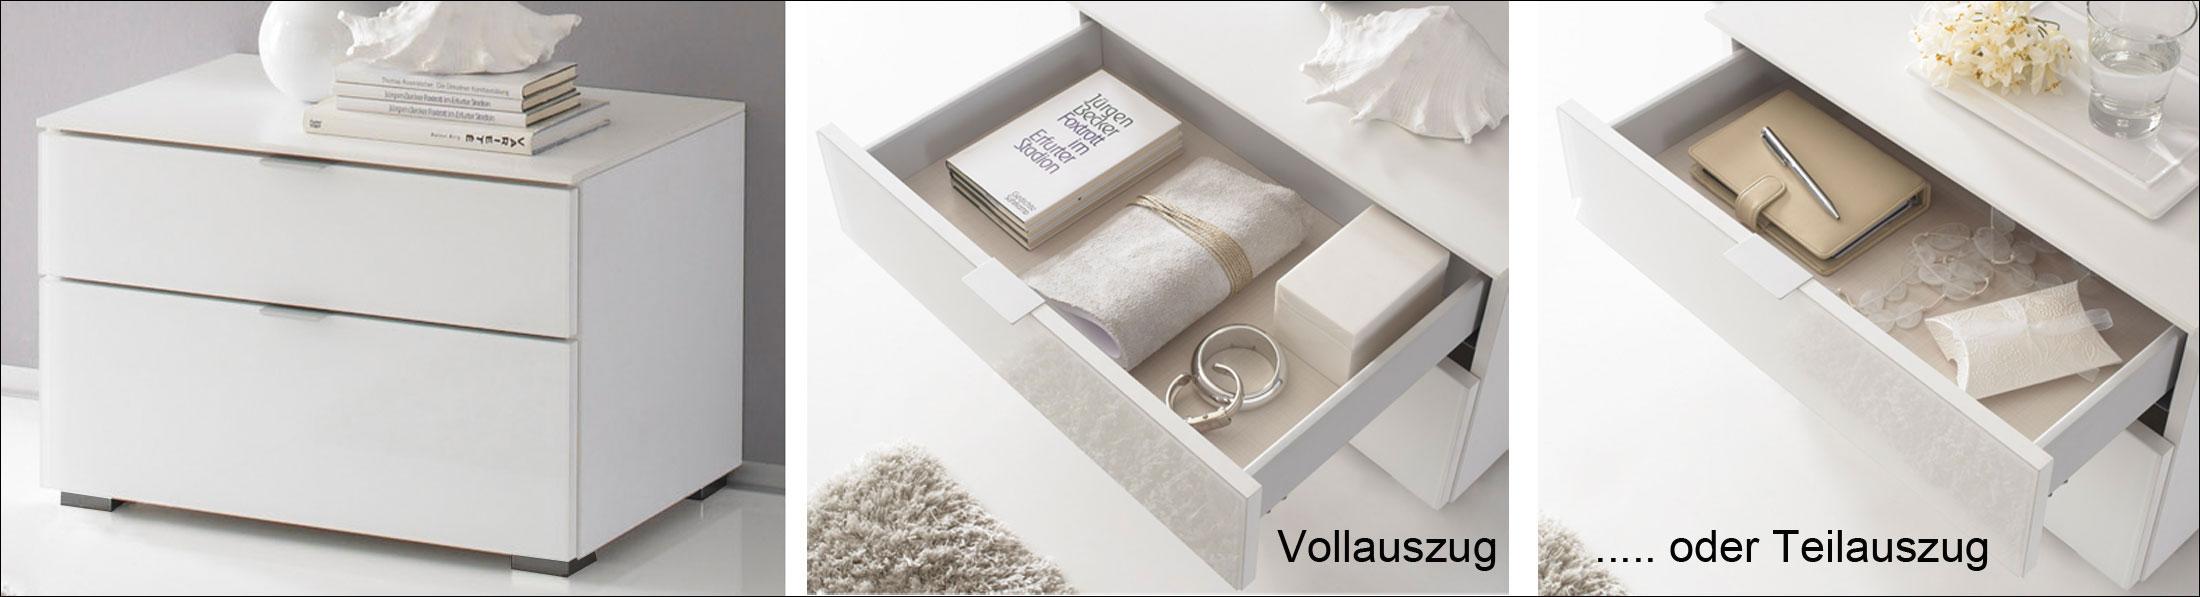 Das Bild zeigt einen Nachttisch weiß mit Schubladen Modell Sonate von Staud.